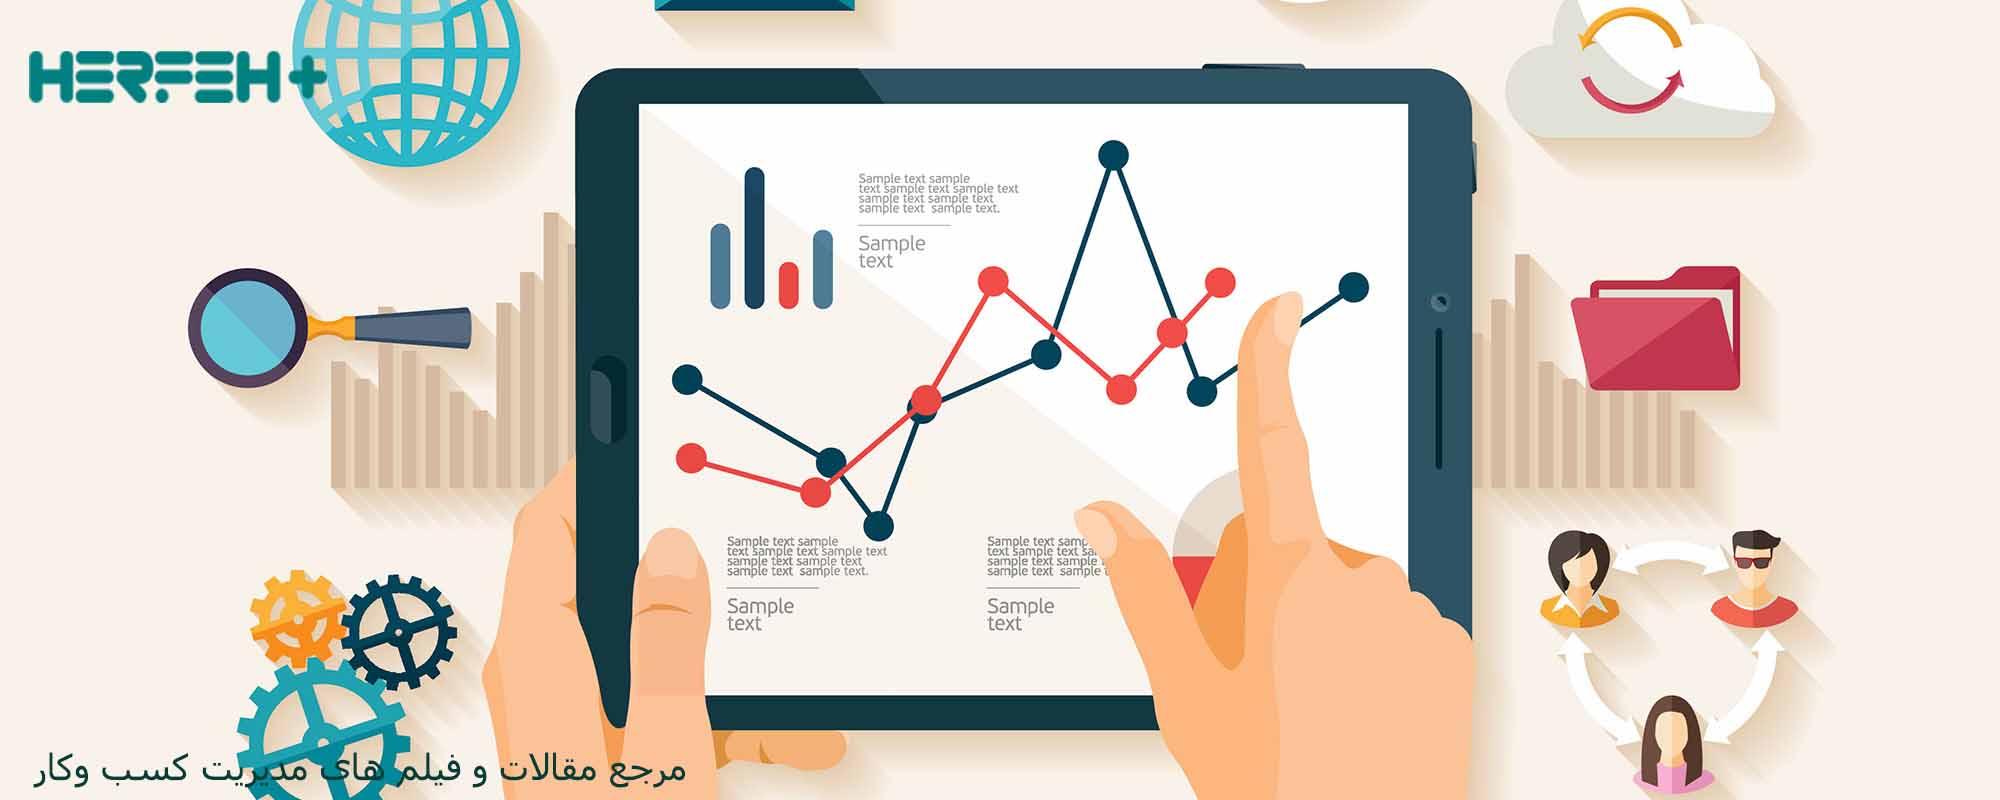 موضوع کاربرد تحلیل پوششی داده ها در انتخاب تامین کنندگان صحیح